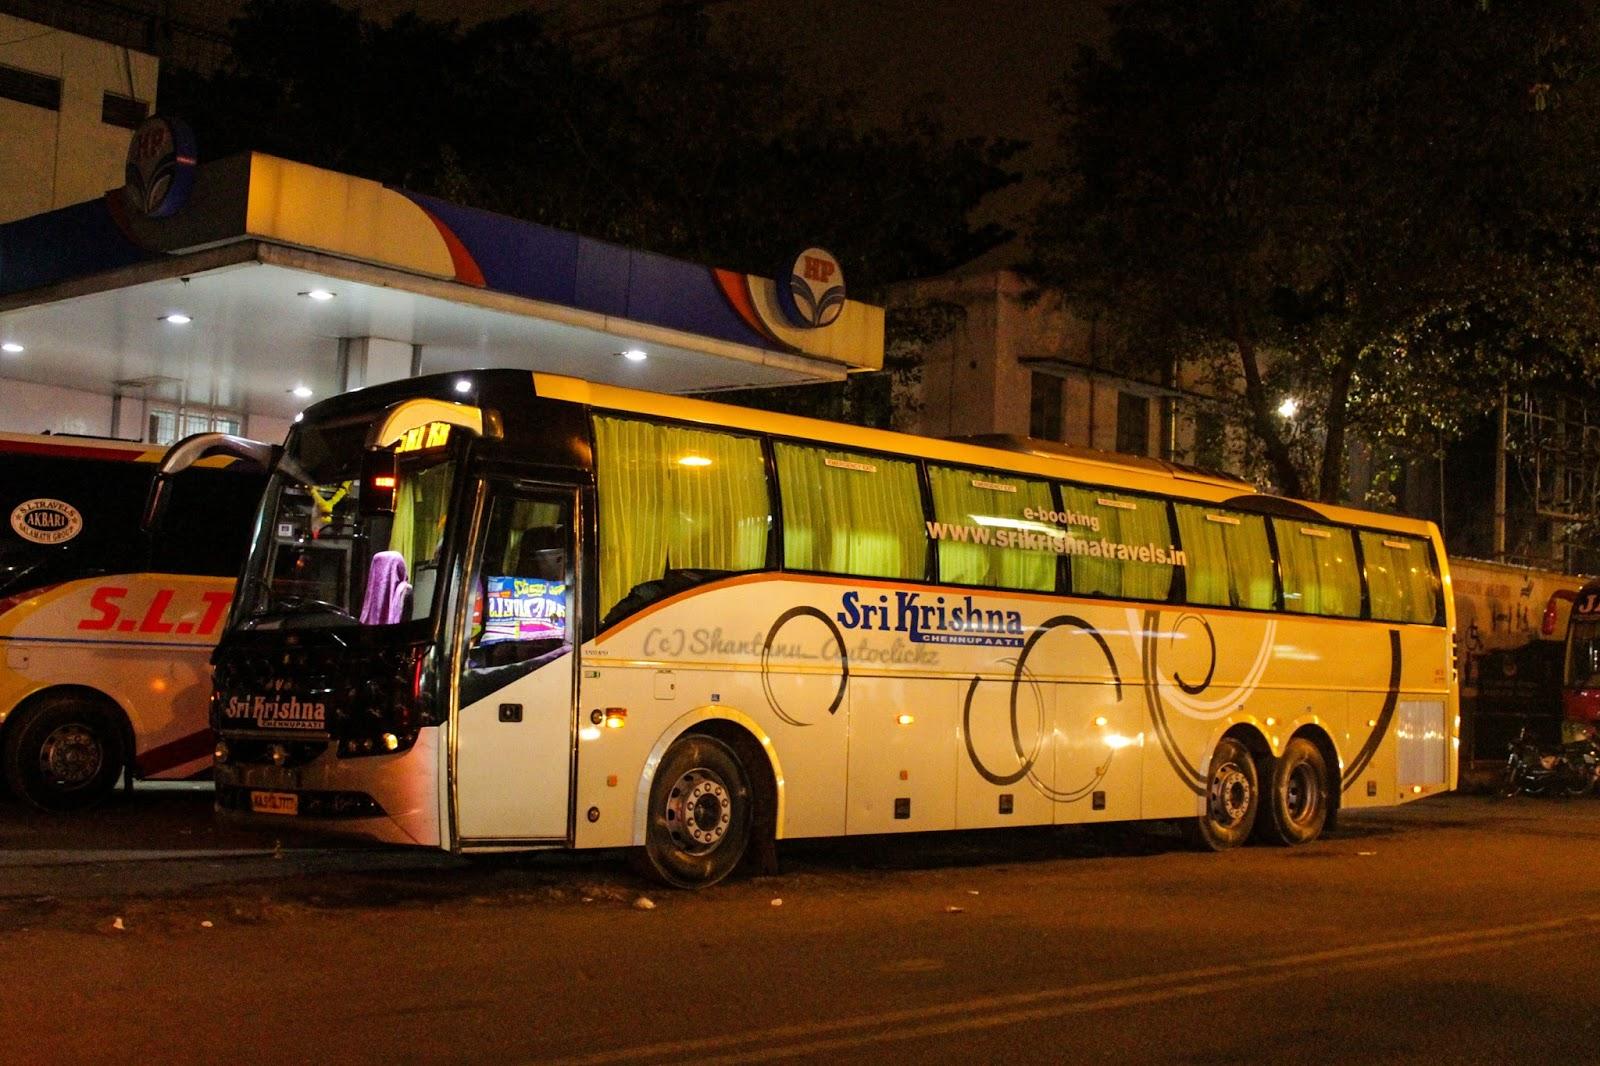 Shantanu Autoclickz Sri Krishna Volvo B9r Multiaxle Semi Sleeper